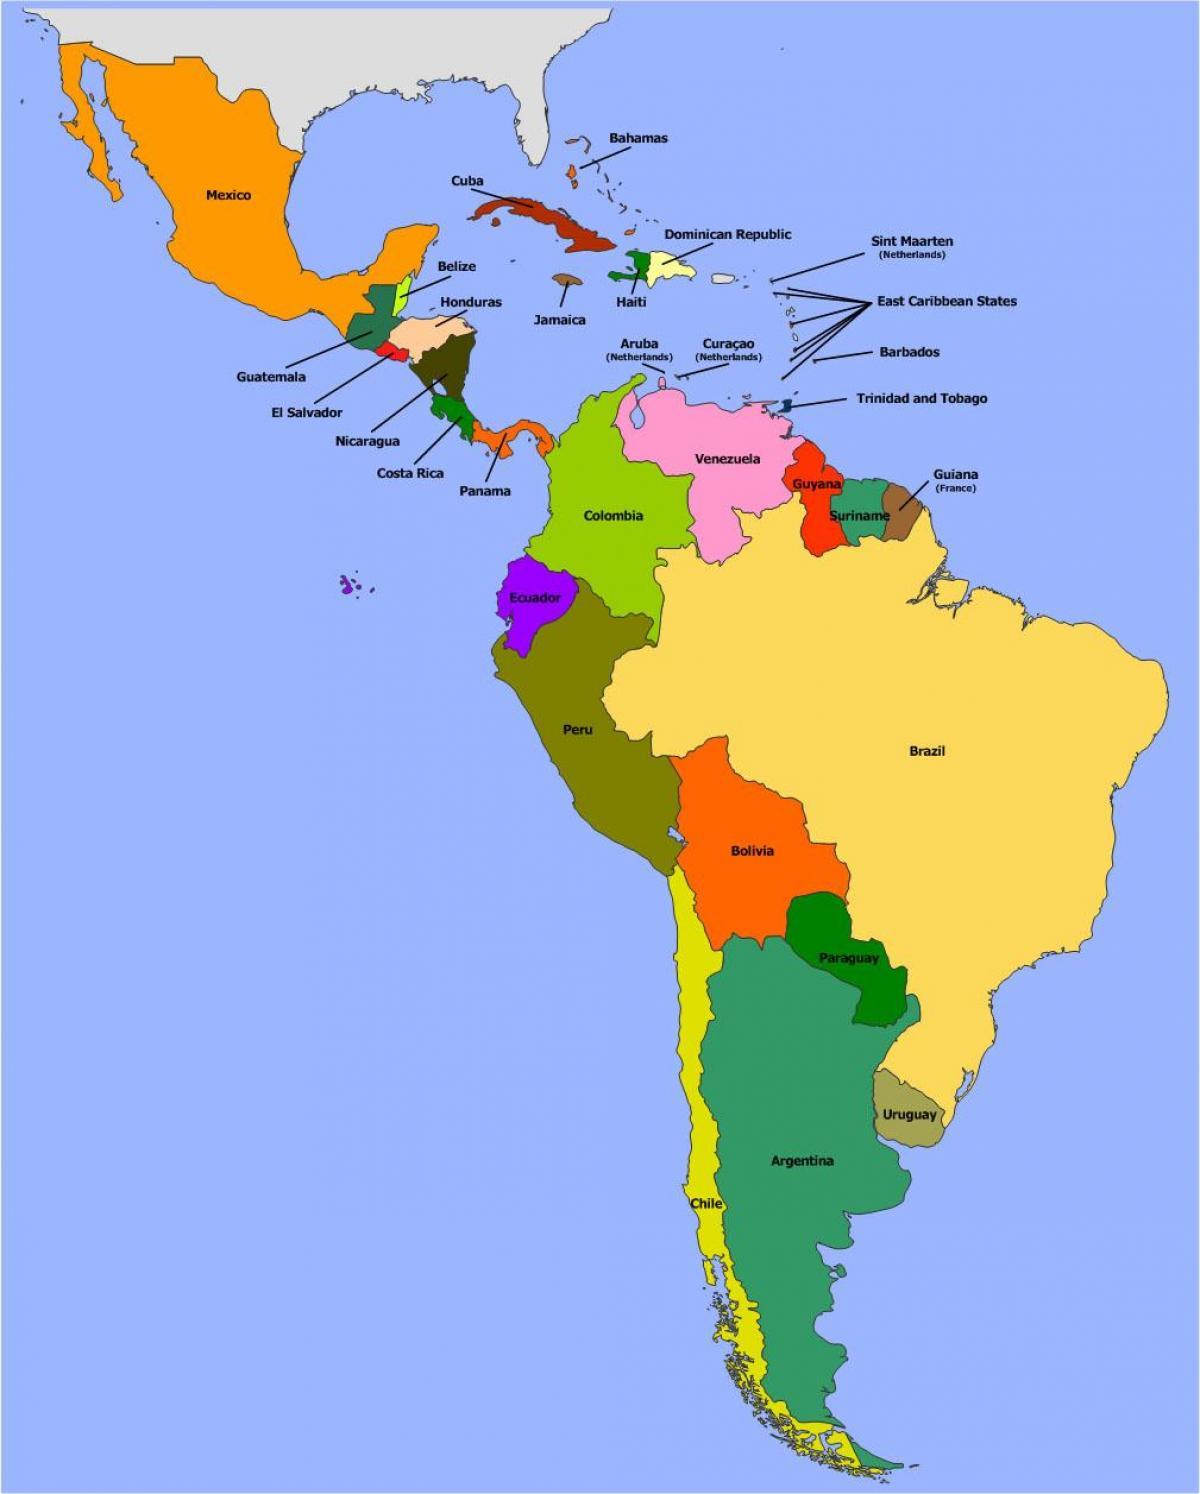 Carte Amerique Du Sud Belize.Belize Amerique Du Sud Carte Carte De Belize En Amerique